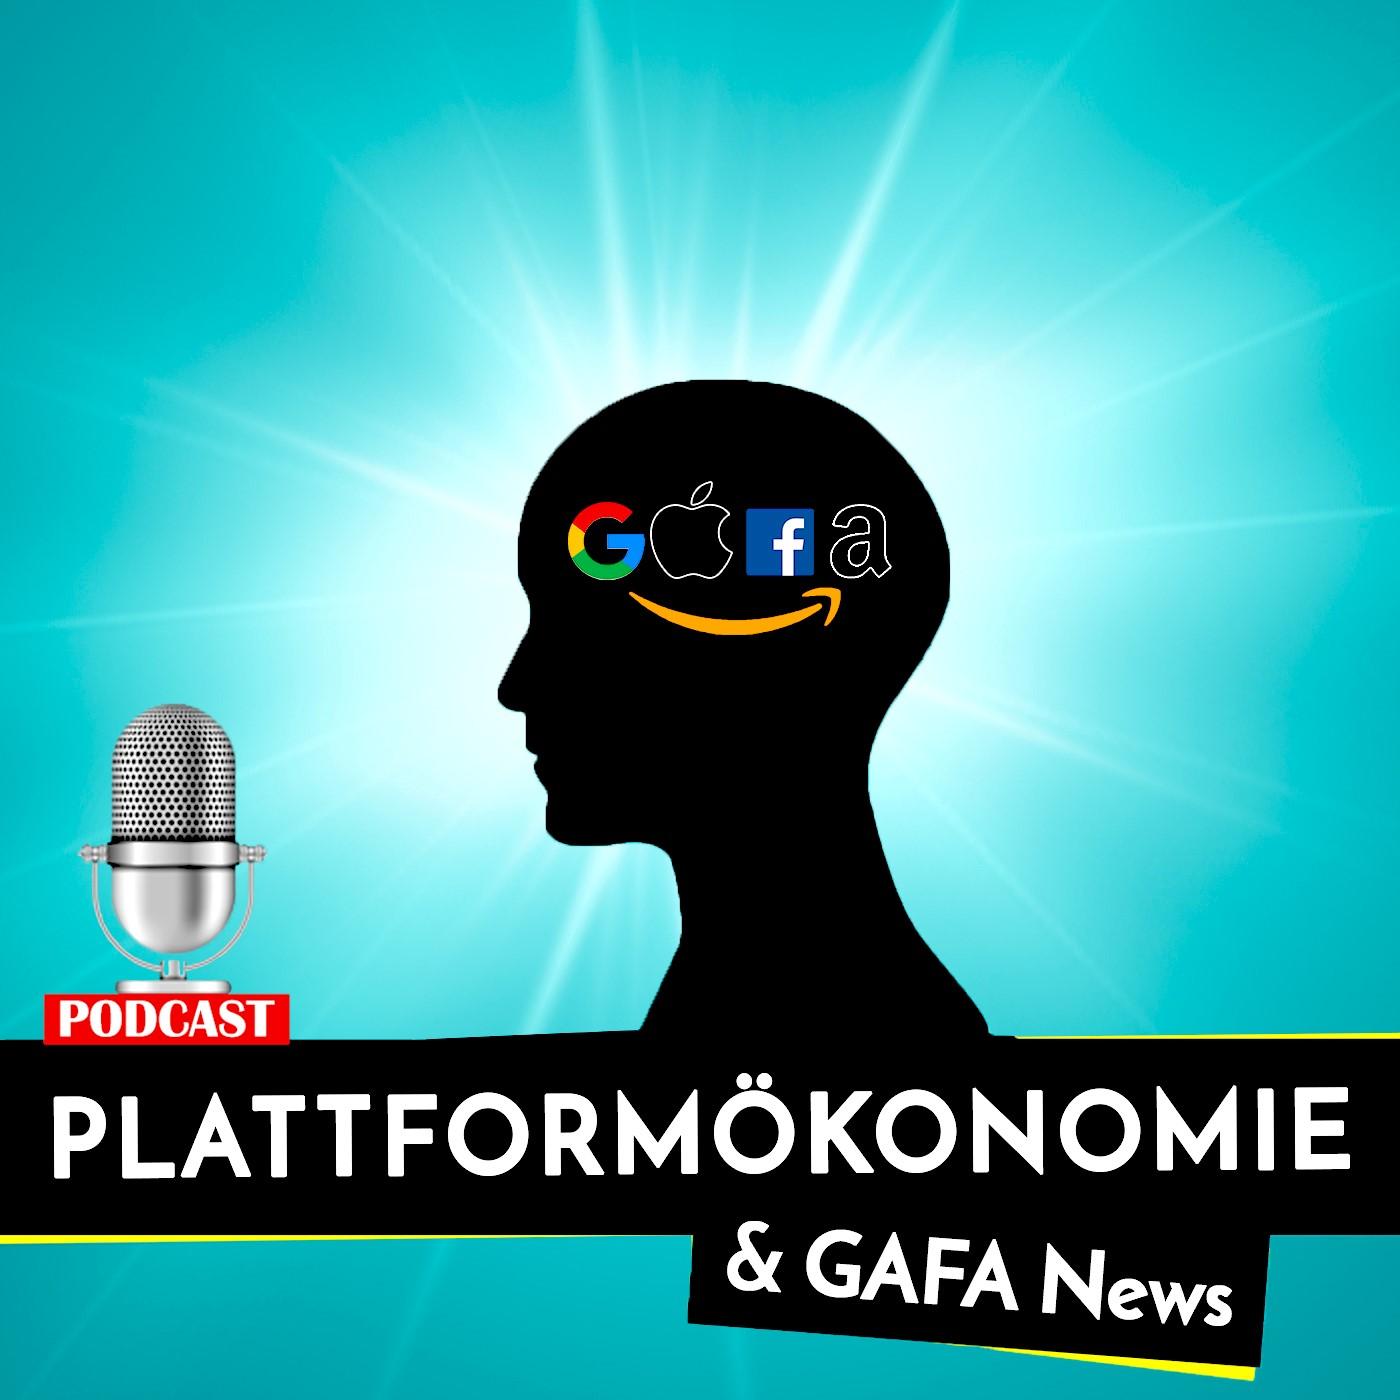 Digitale Wirtschaftsnews   Nachrichten aus der E-Commerce Welt: Heute Netflix, Whatts App, USA Milliardäre Corona uvm.